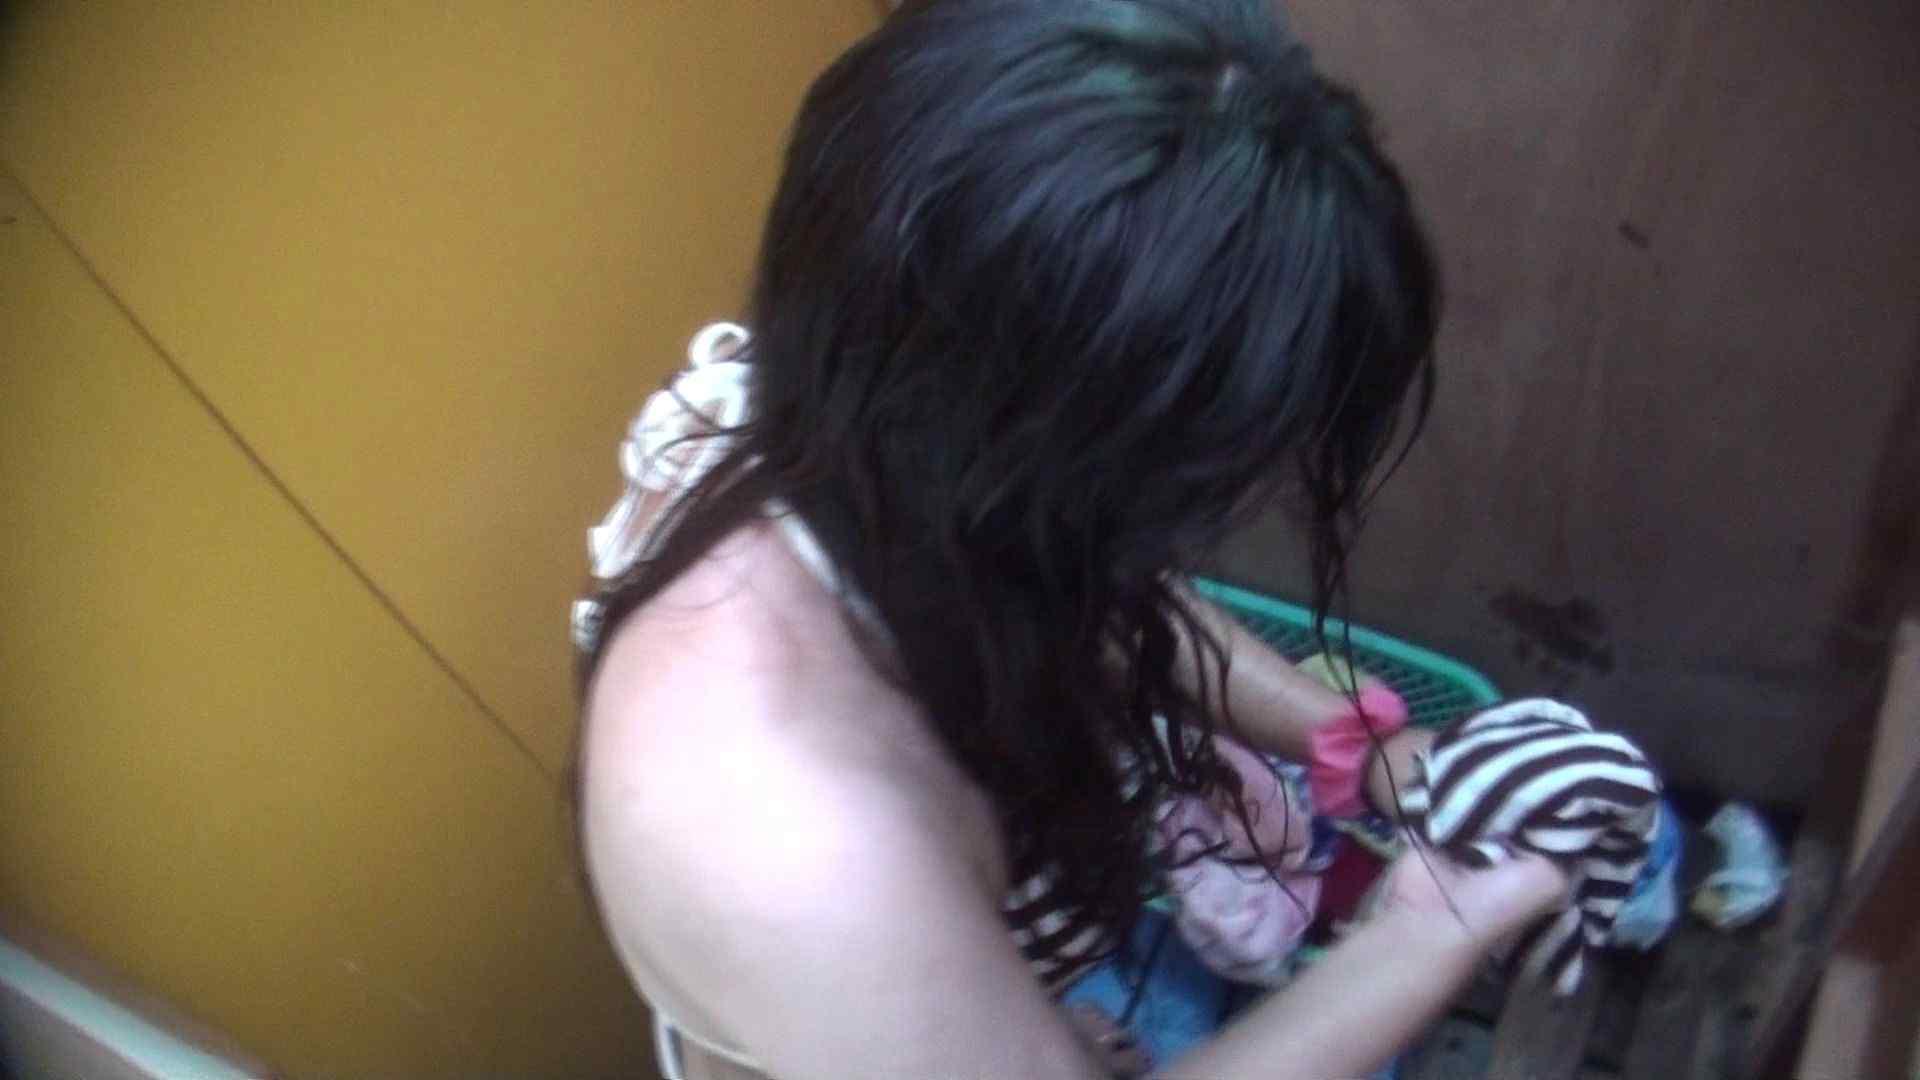 シャワールームは超!!危険な香りVol.13 ムッチムチのいやらしい身体つき シャワー  111pic 43